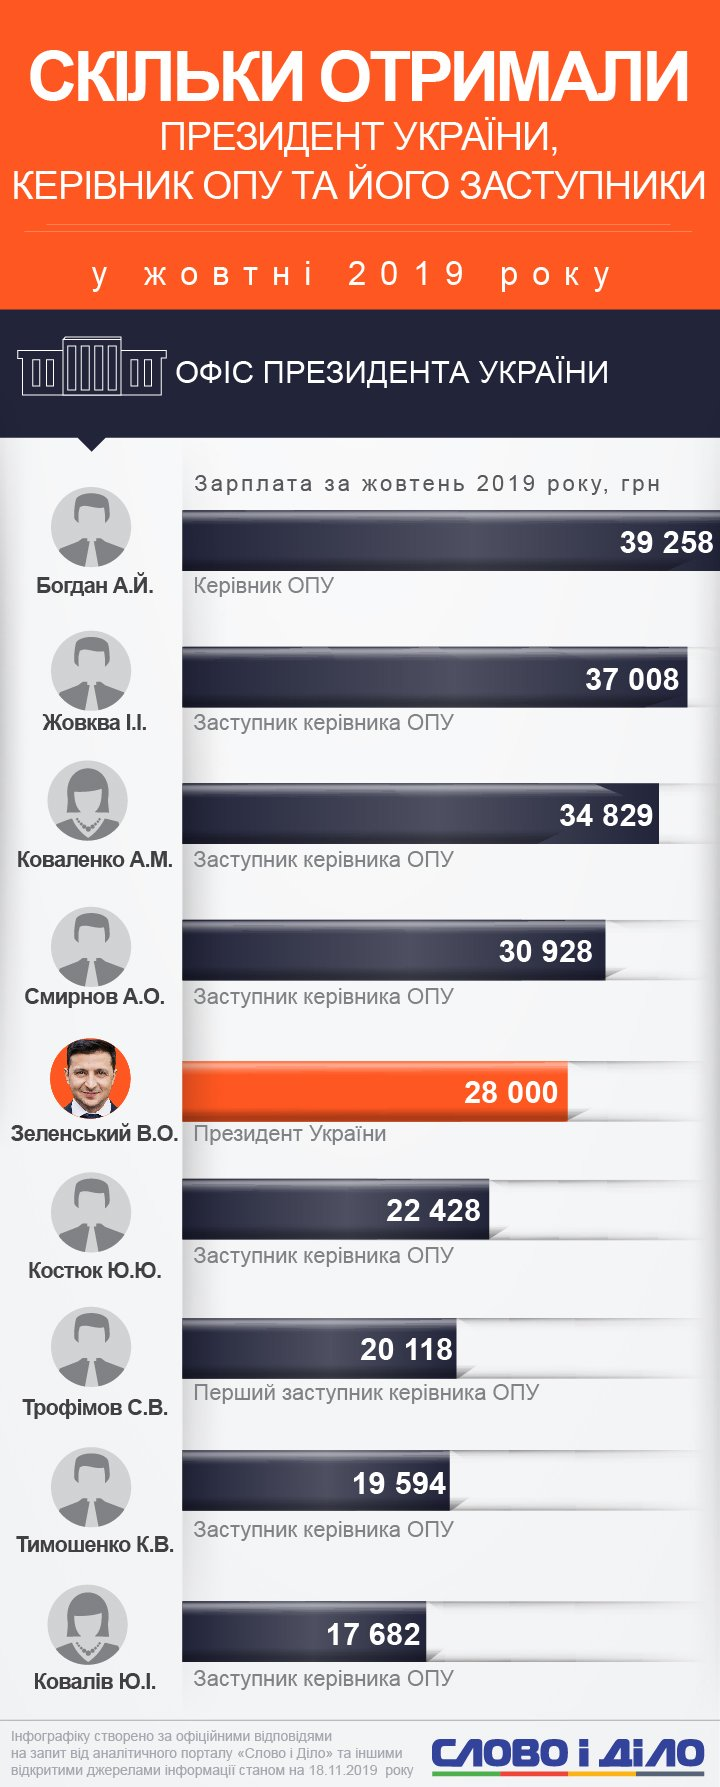 Володимир Зеленський заробив 28 тисяч у жовтні, керівник Офісу президента Андрій Богдан – 39 тисяч.